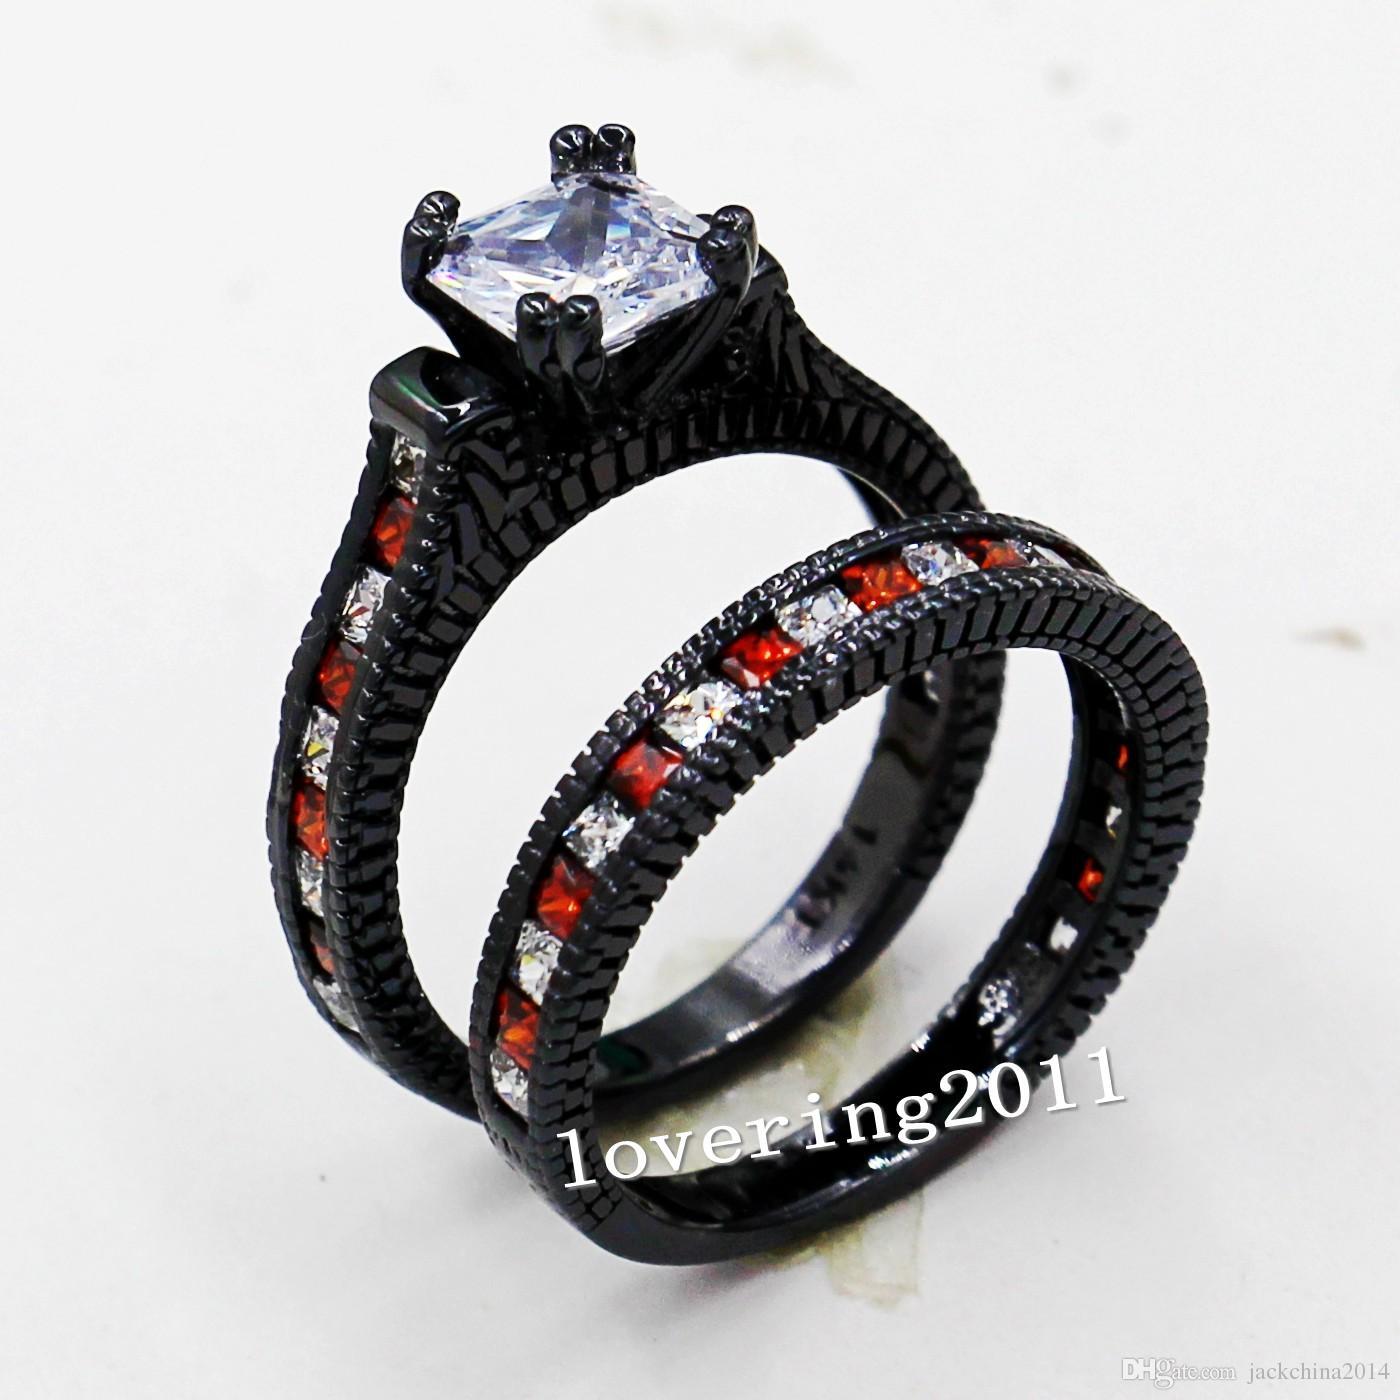 Tamaño 5-11 Retro Joyería de Moda 14kt oro negro lleno de Granate Rojo Multi piedra CZ Diamante Simulado de las mujeres Anillo de Compromiso de Boda set regalo